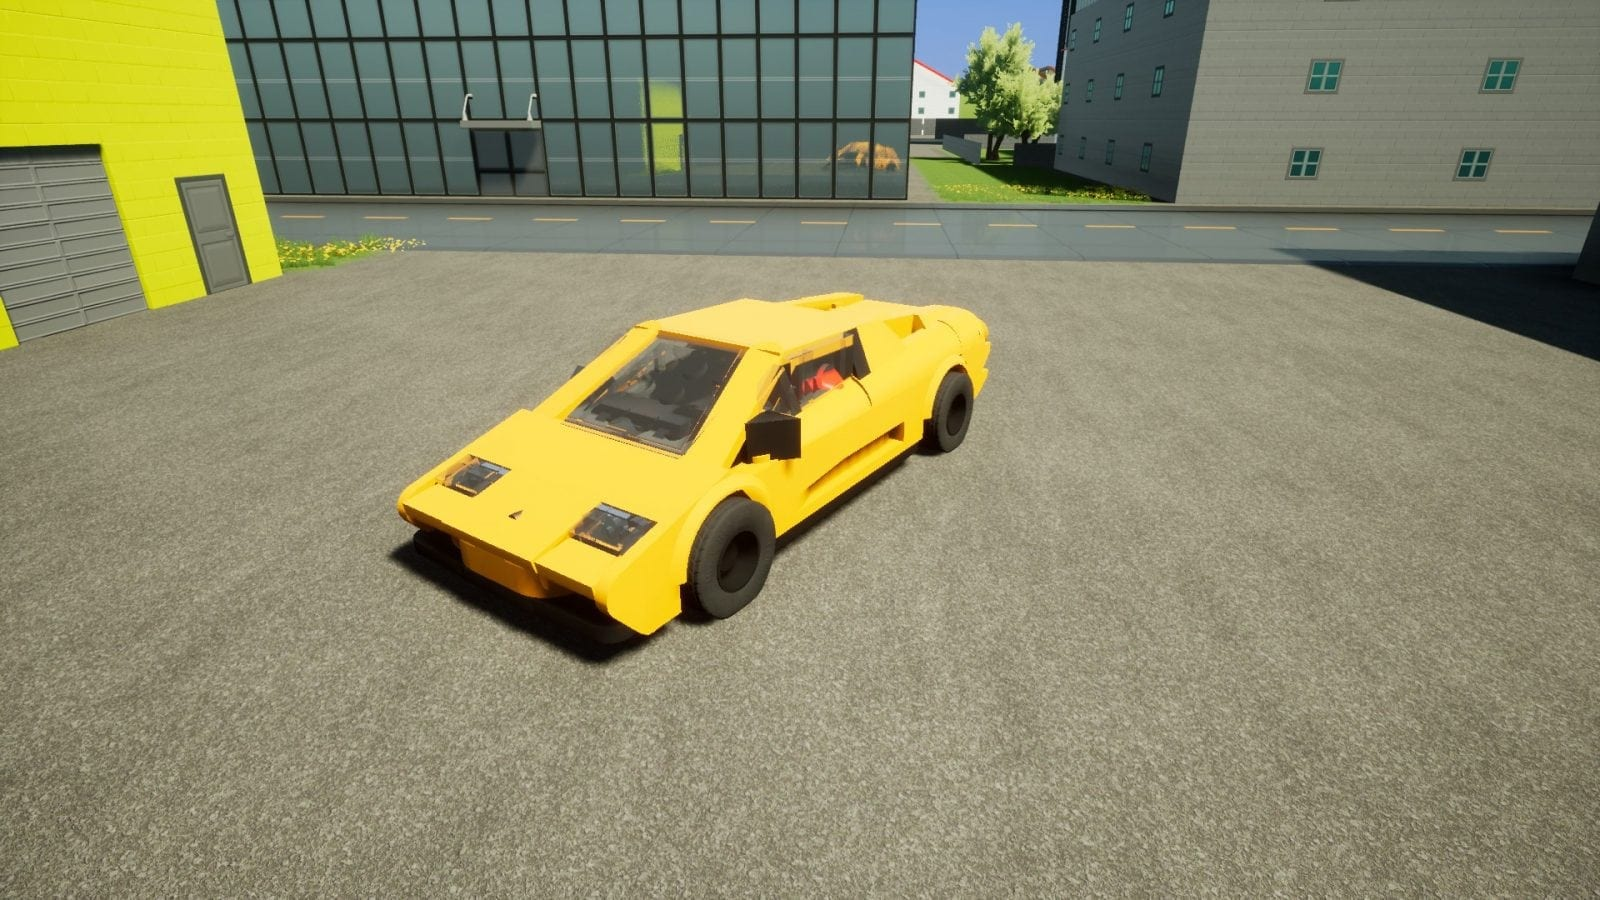 Lamborghini Diablo VT Mod for Brick Rigs